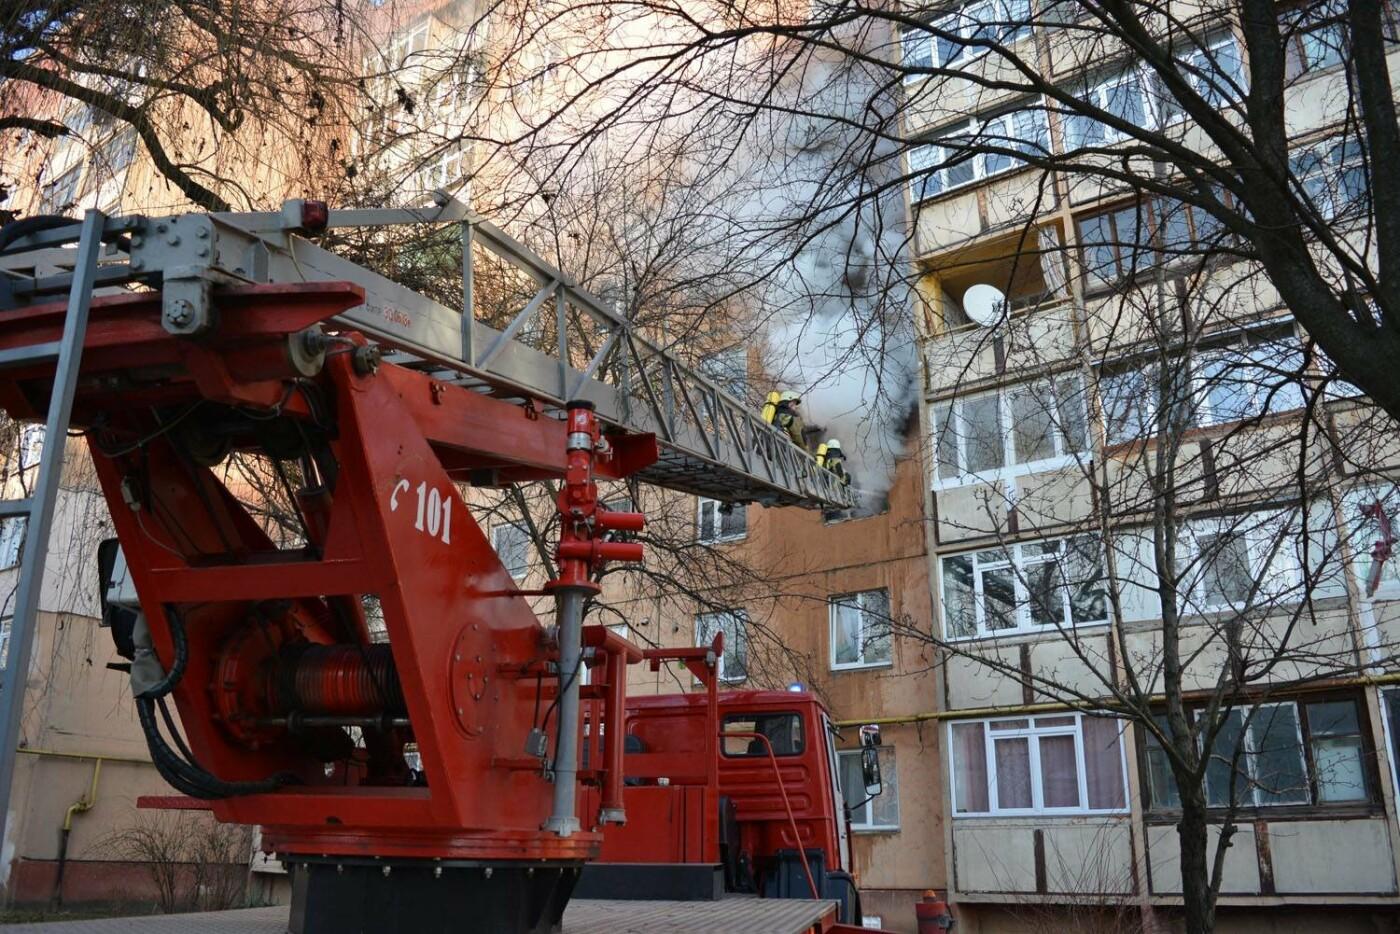 Через пожежу у багатоповерхівці на Годинки в Ужгороді евакуювали 20 чоловік, згоріли 2 кімнати (ФОТО, ВІДЕО, УСІ ПОДРОБИЦІ), фото-12